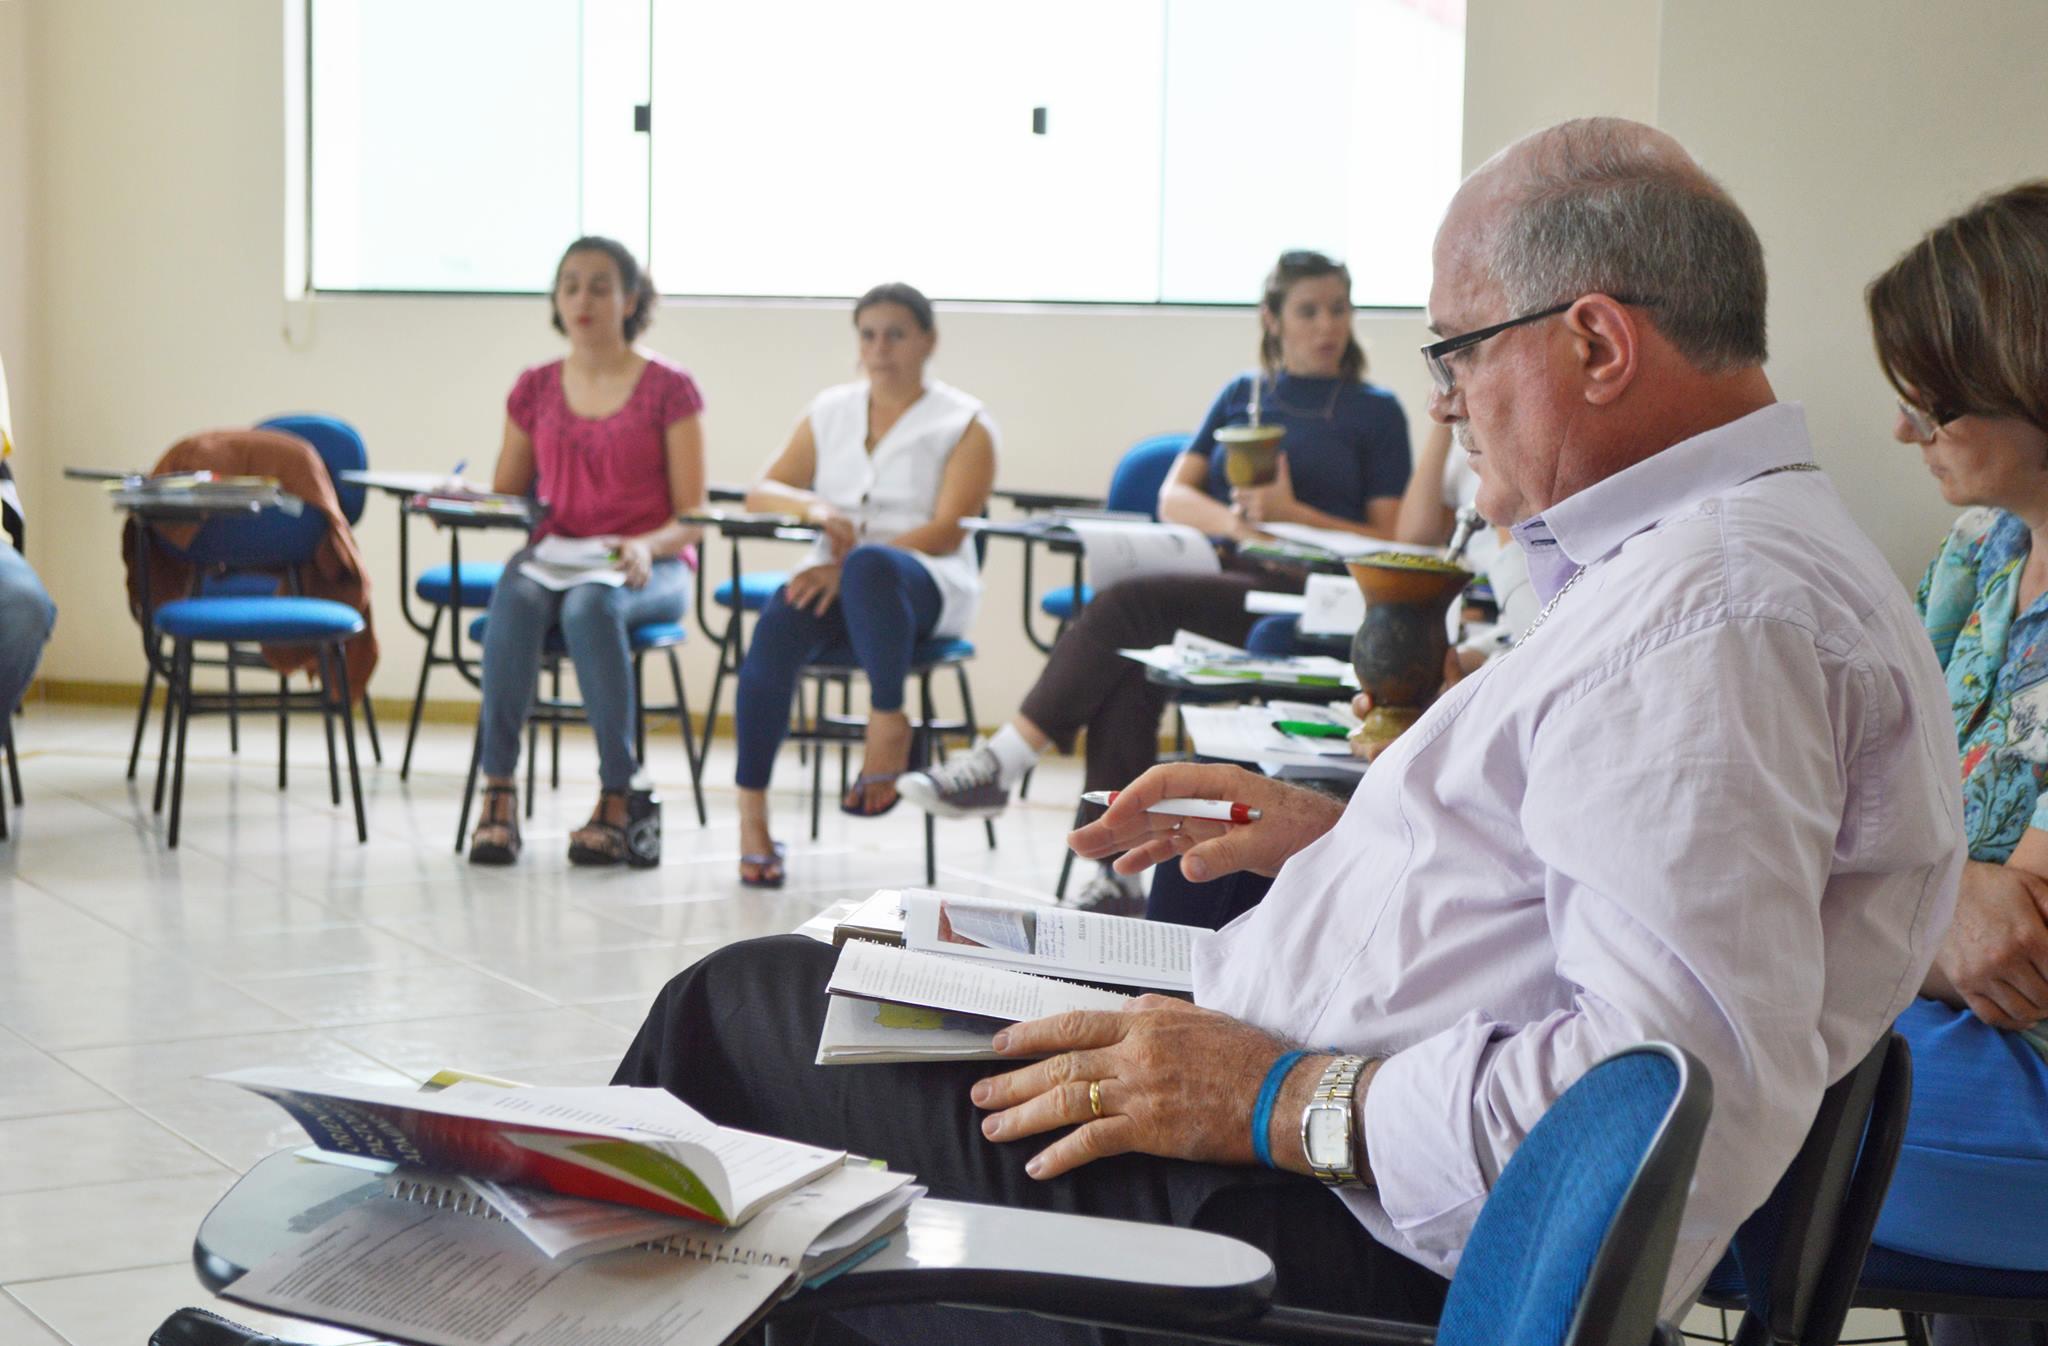 Dom Magri e funcionários da diocese também estudaram plano diocesano (Foto: Daiane Servo/Diocese de Choapecó)